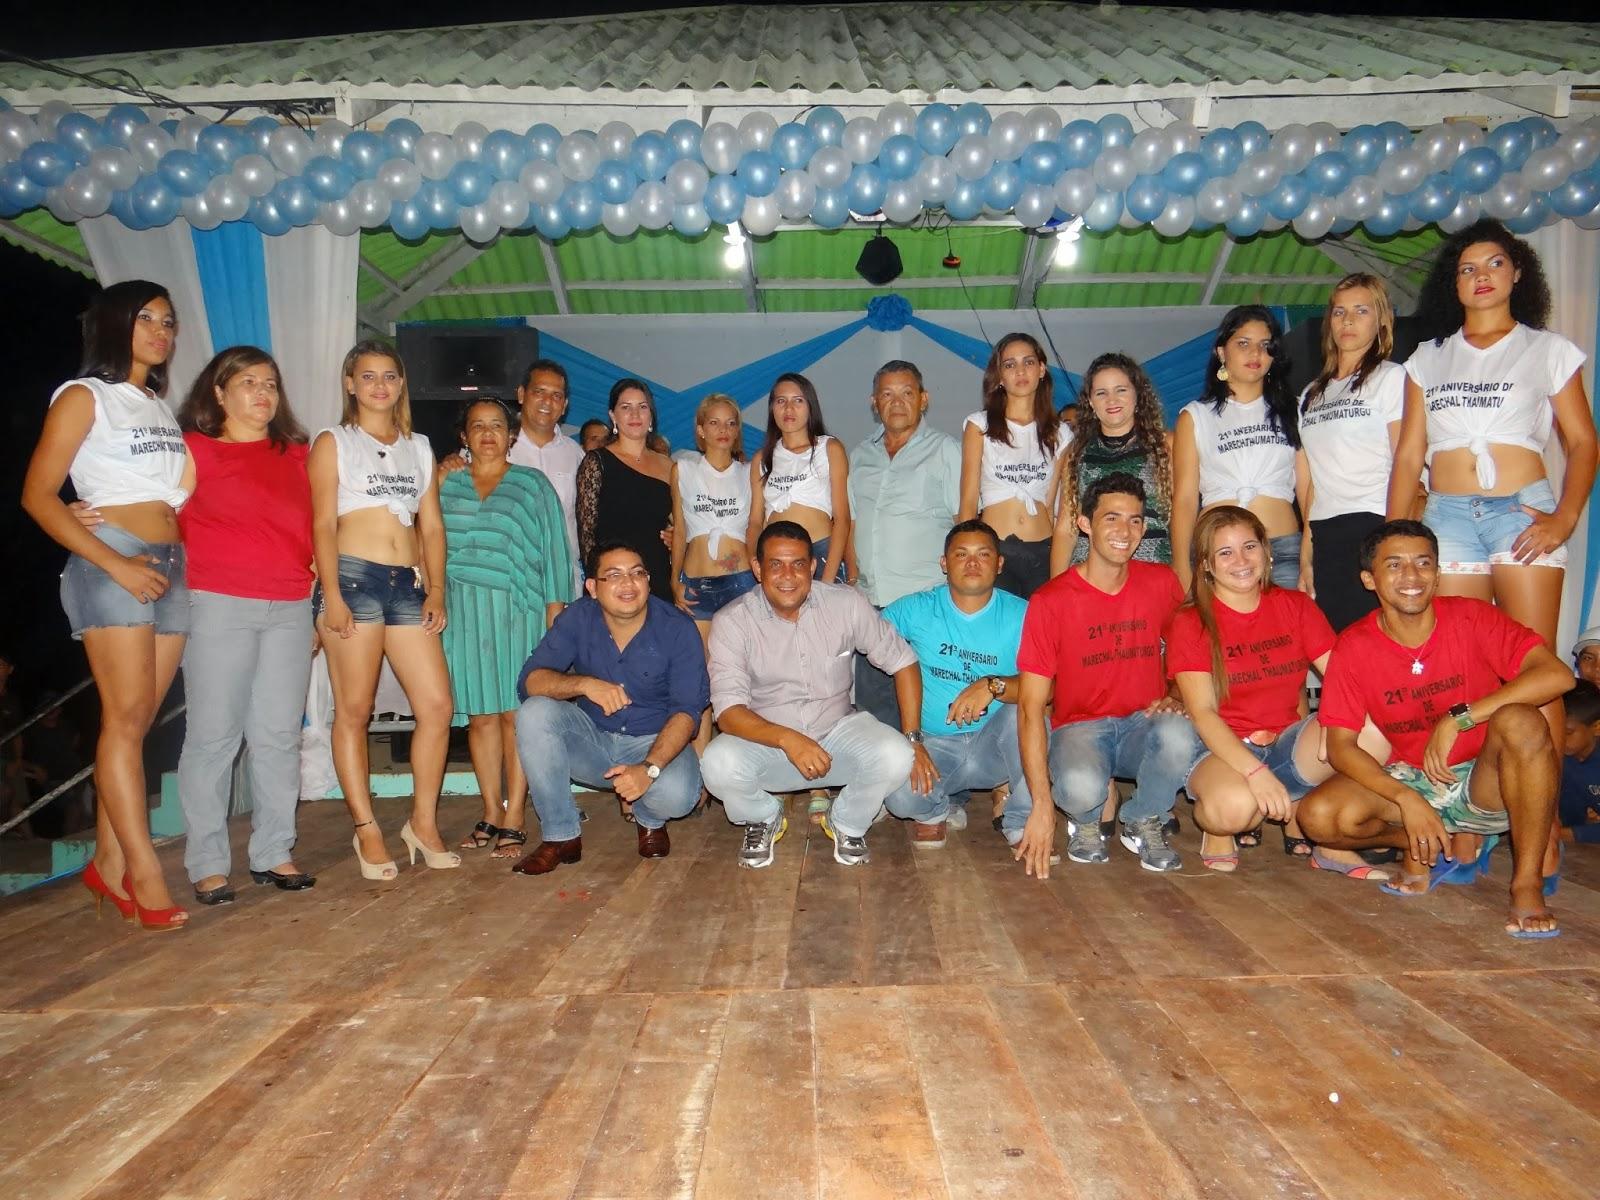 Juruá noticias : <b>Marechal Thaumaturgo</b> Comemora Mais Um Aniversário <b>...</b> 2014